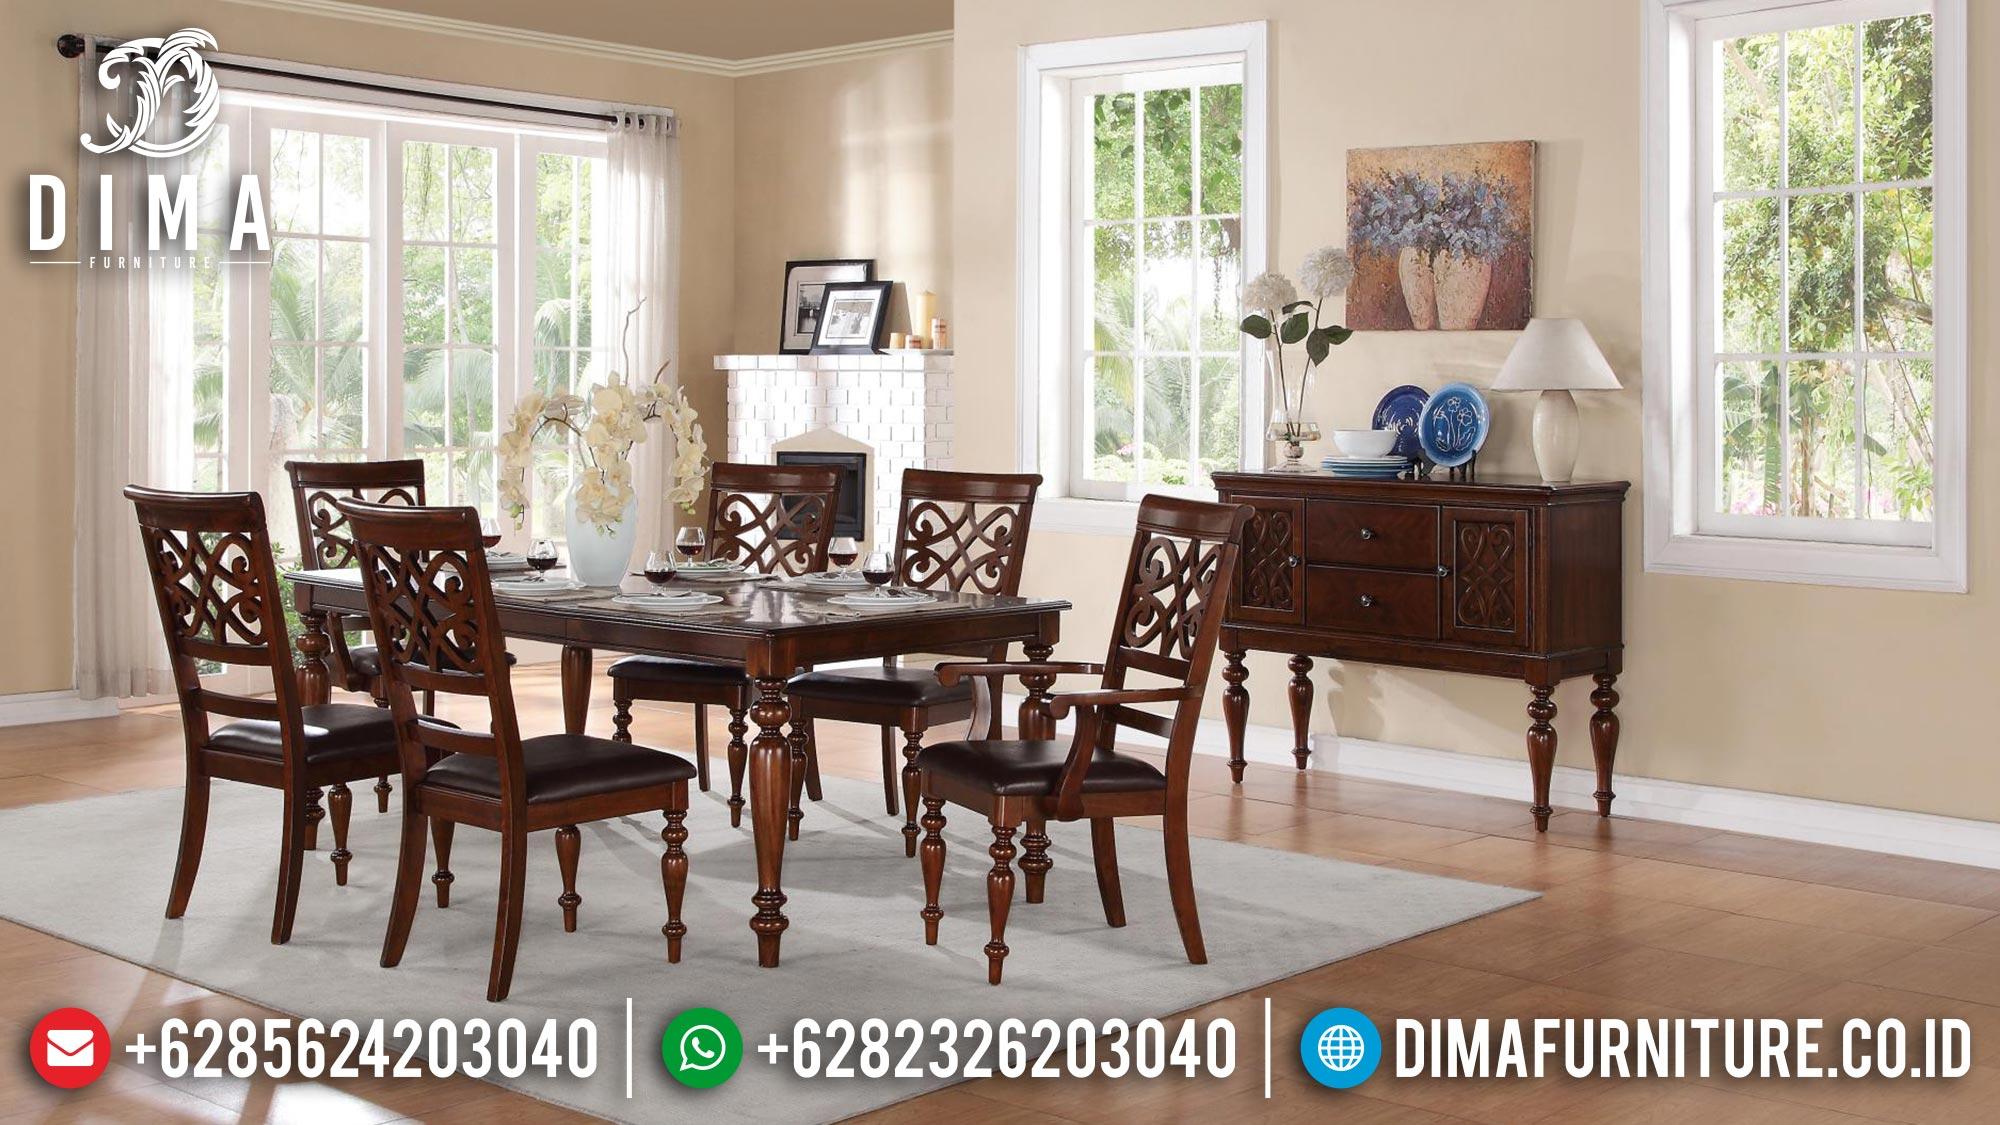 Jual Meja Makan Minimalis Classic Natural Jati Perhutani Great Solid Wood Mm-0996